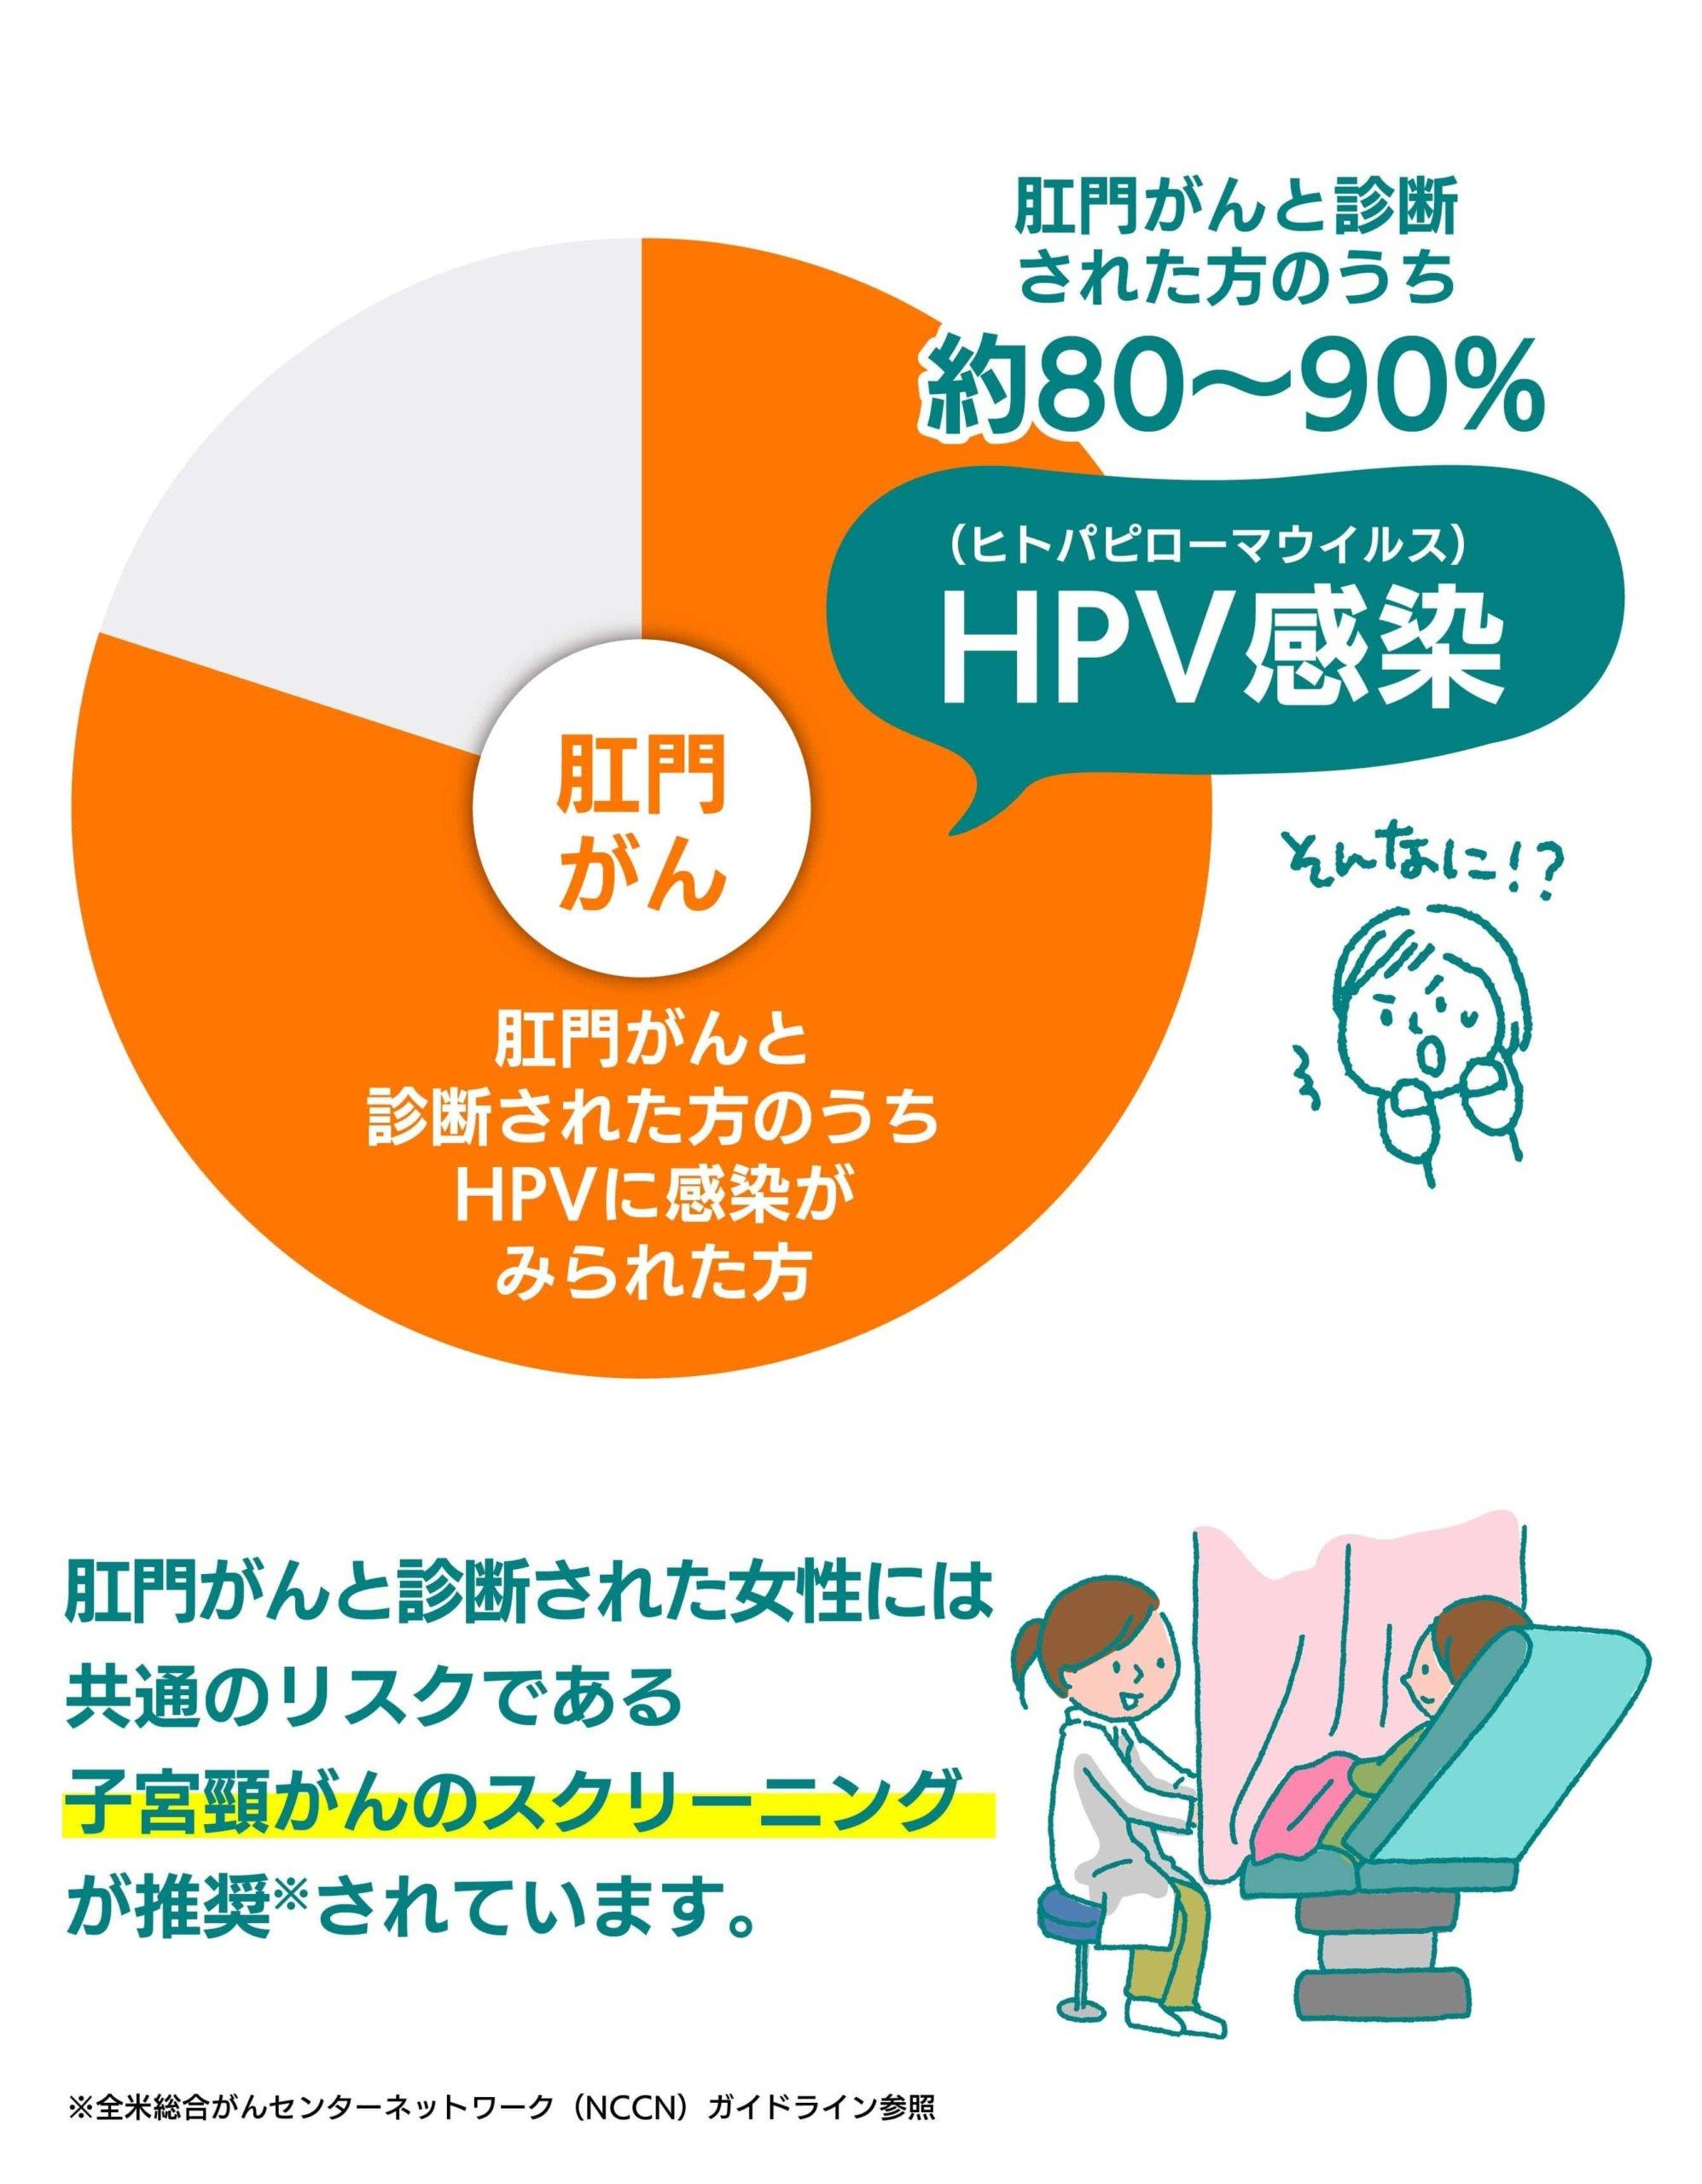 江村→けいゆう先生-min | みんパピ!みんなで知ろうHPVプロジェクト